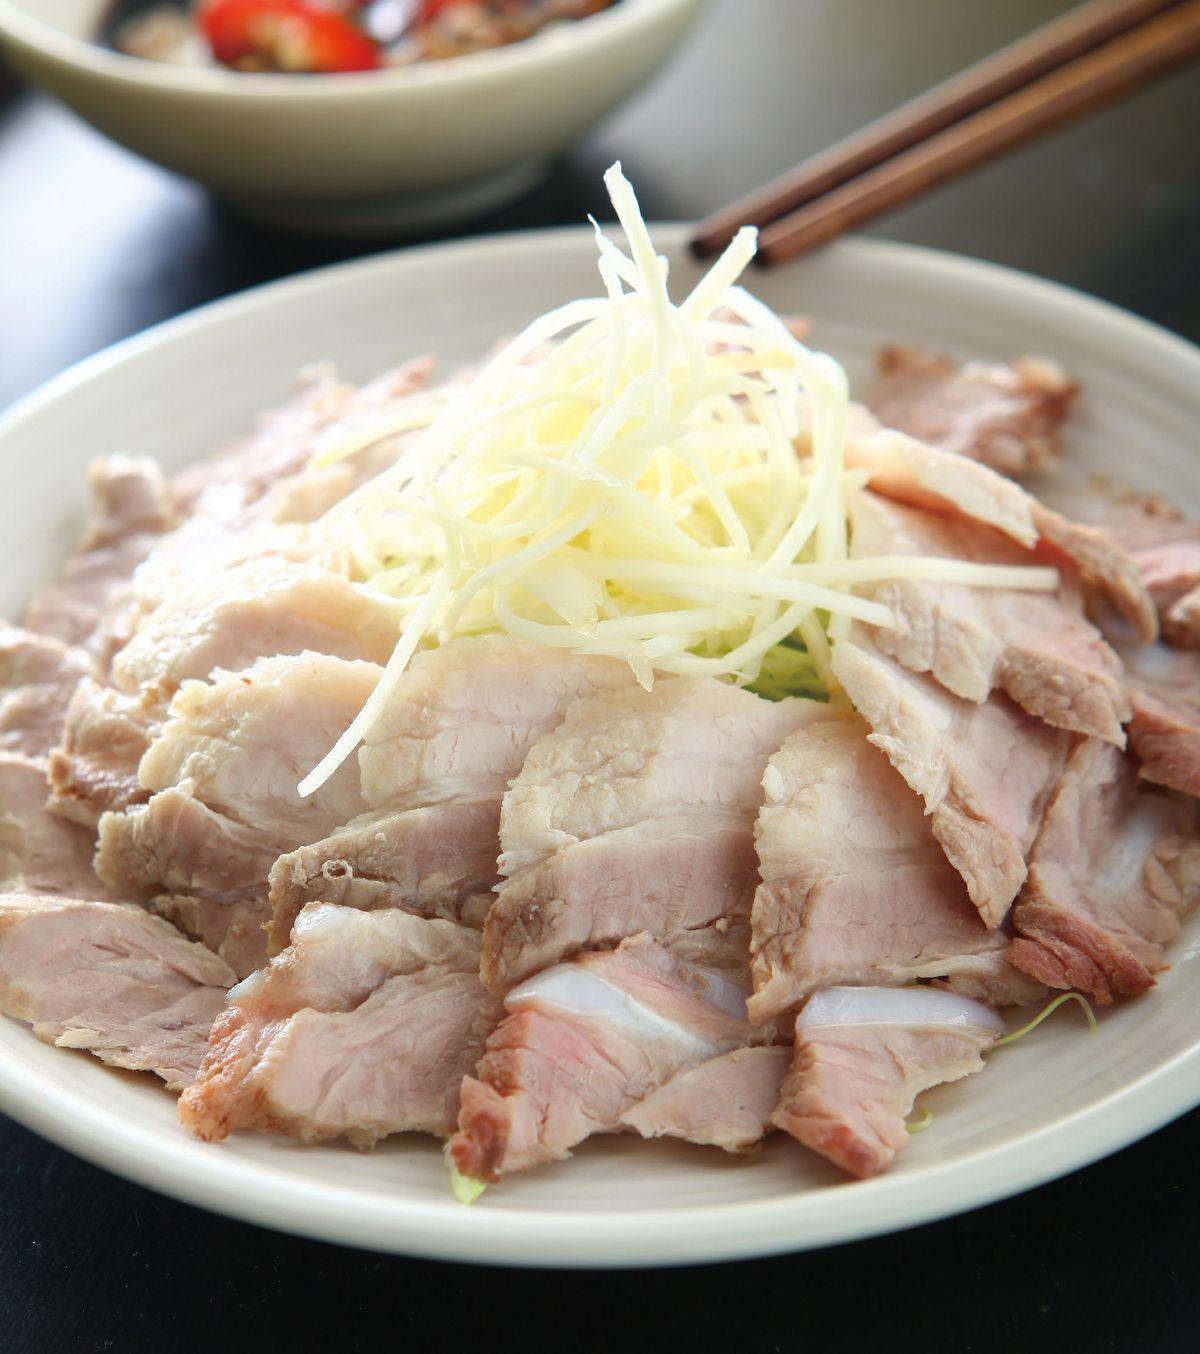 食譜:冷涮五花肉片